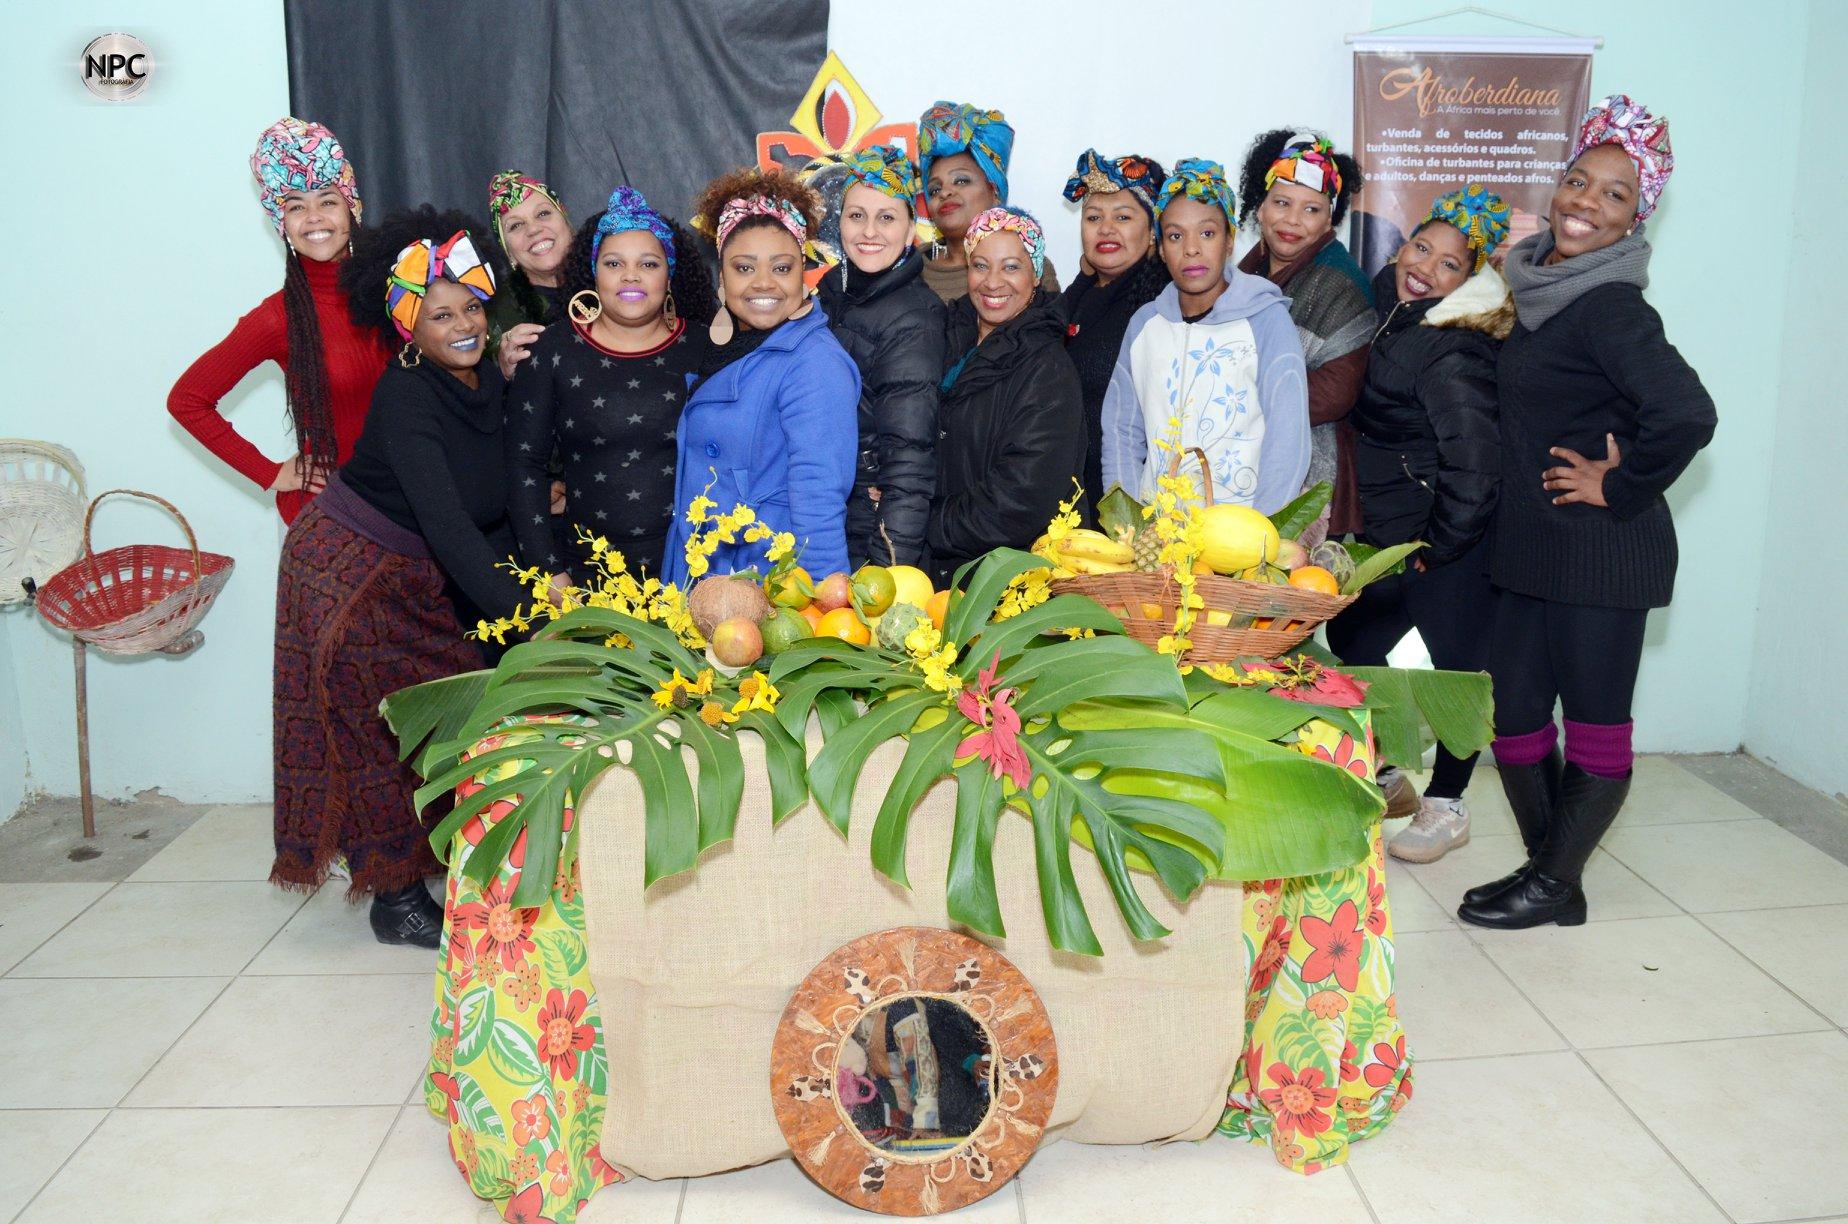 Mães crespas: grupo ajudou a manter movimento e agora também participam de atividades do Meninas Crespas, ao lado das crianças (Foto: Nílveo Christiano/Divulgação)